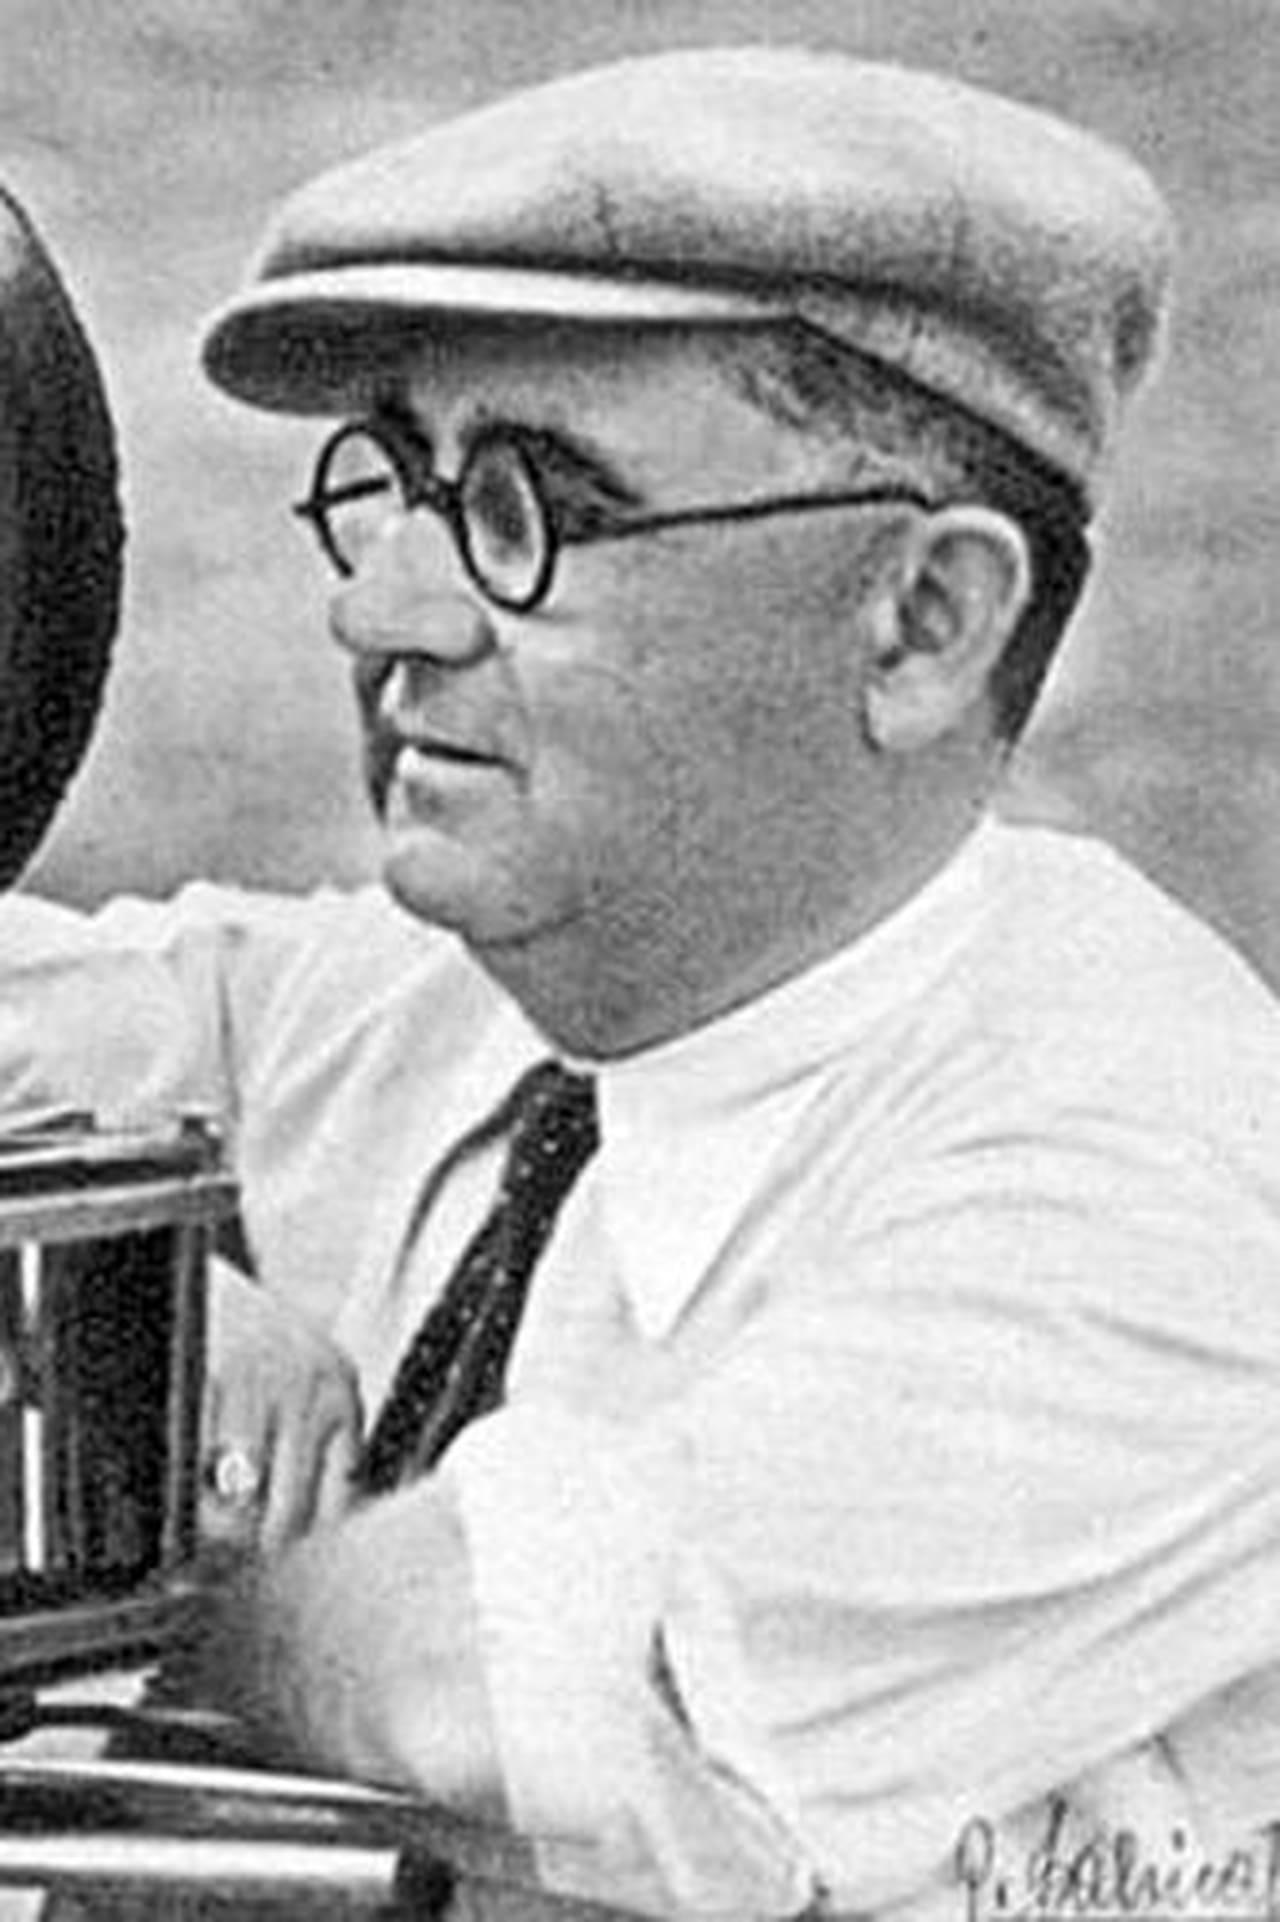 Carlo Montuori